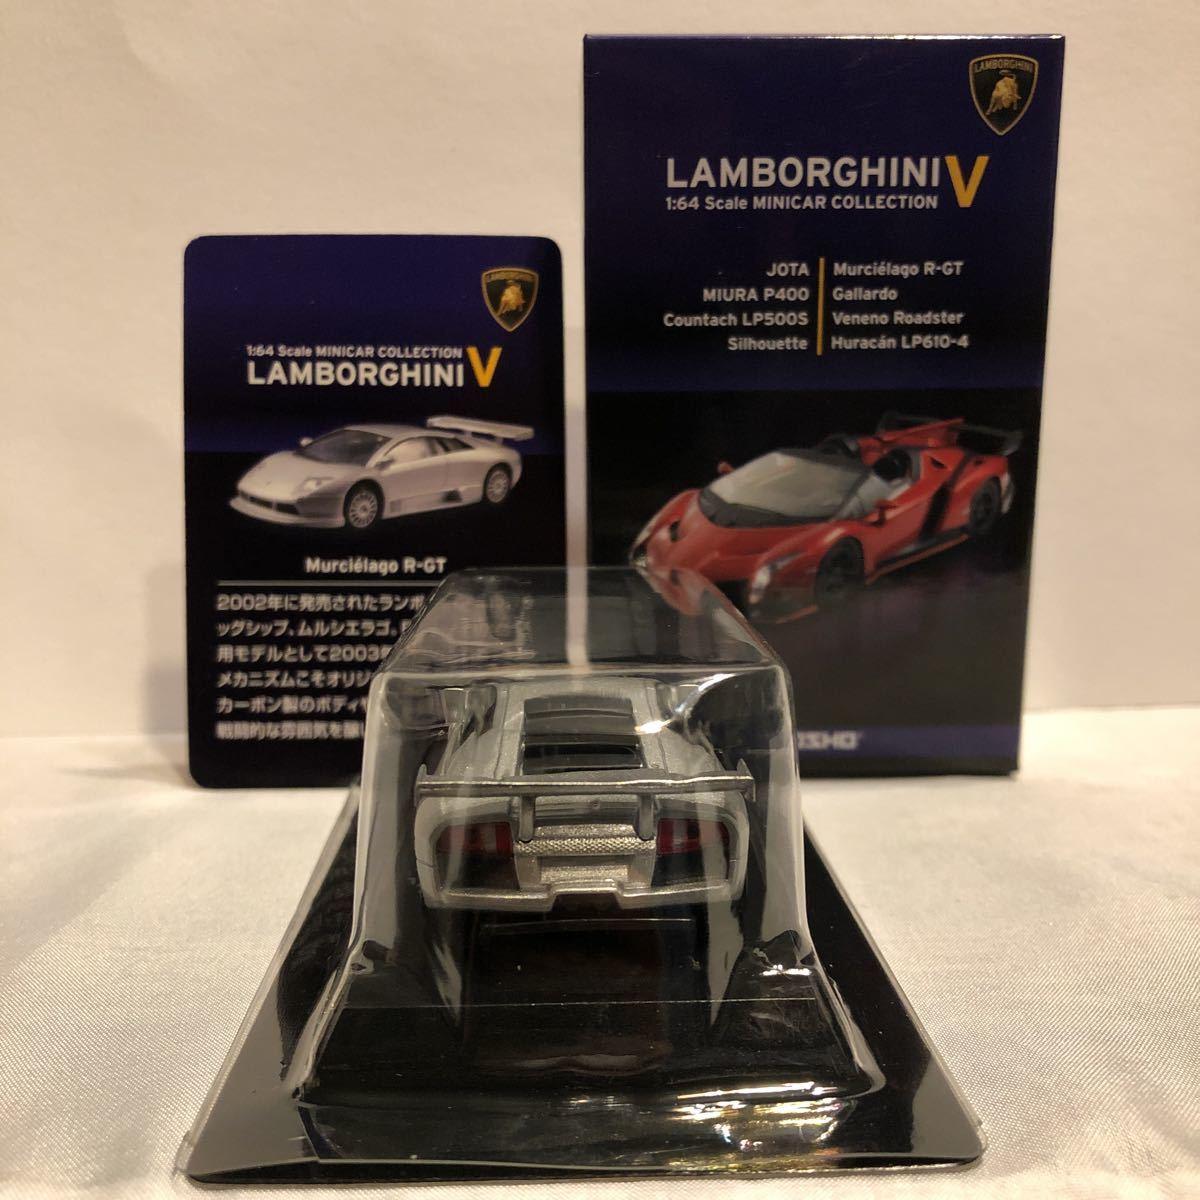 京商 1/64 LAMBORGHINI Ⅴ Murcielago R-GT ランボルギーニ #5 ムルシエラゴ 銀色 シルバー ミニカー モデルカー_画像4